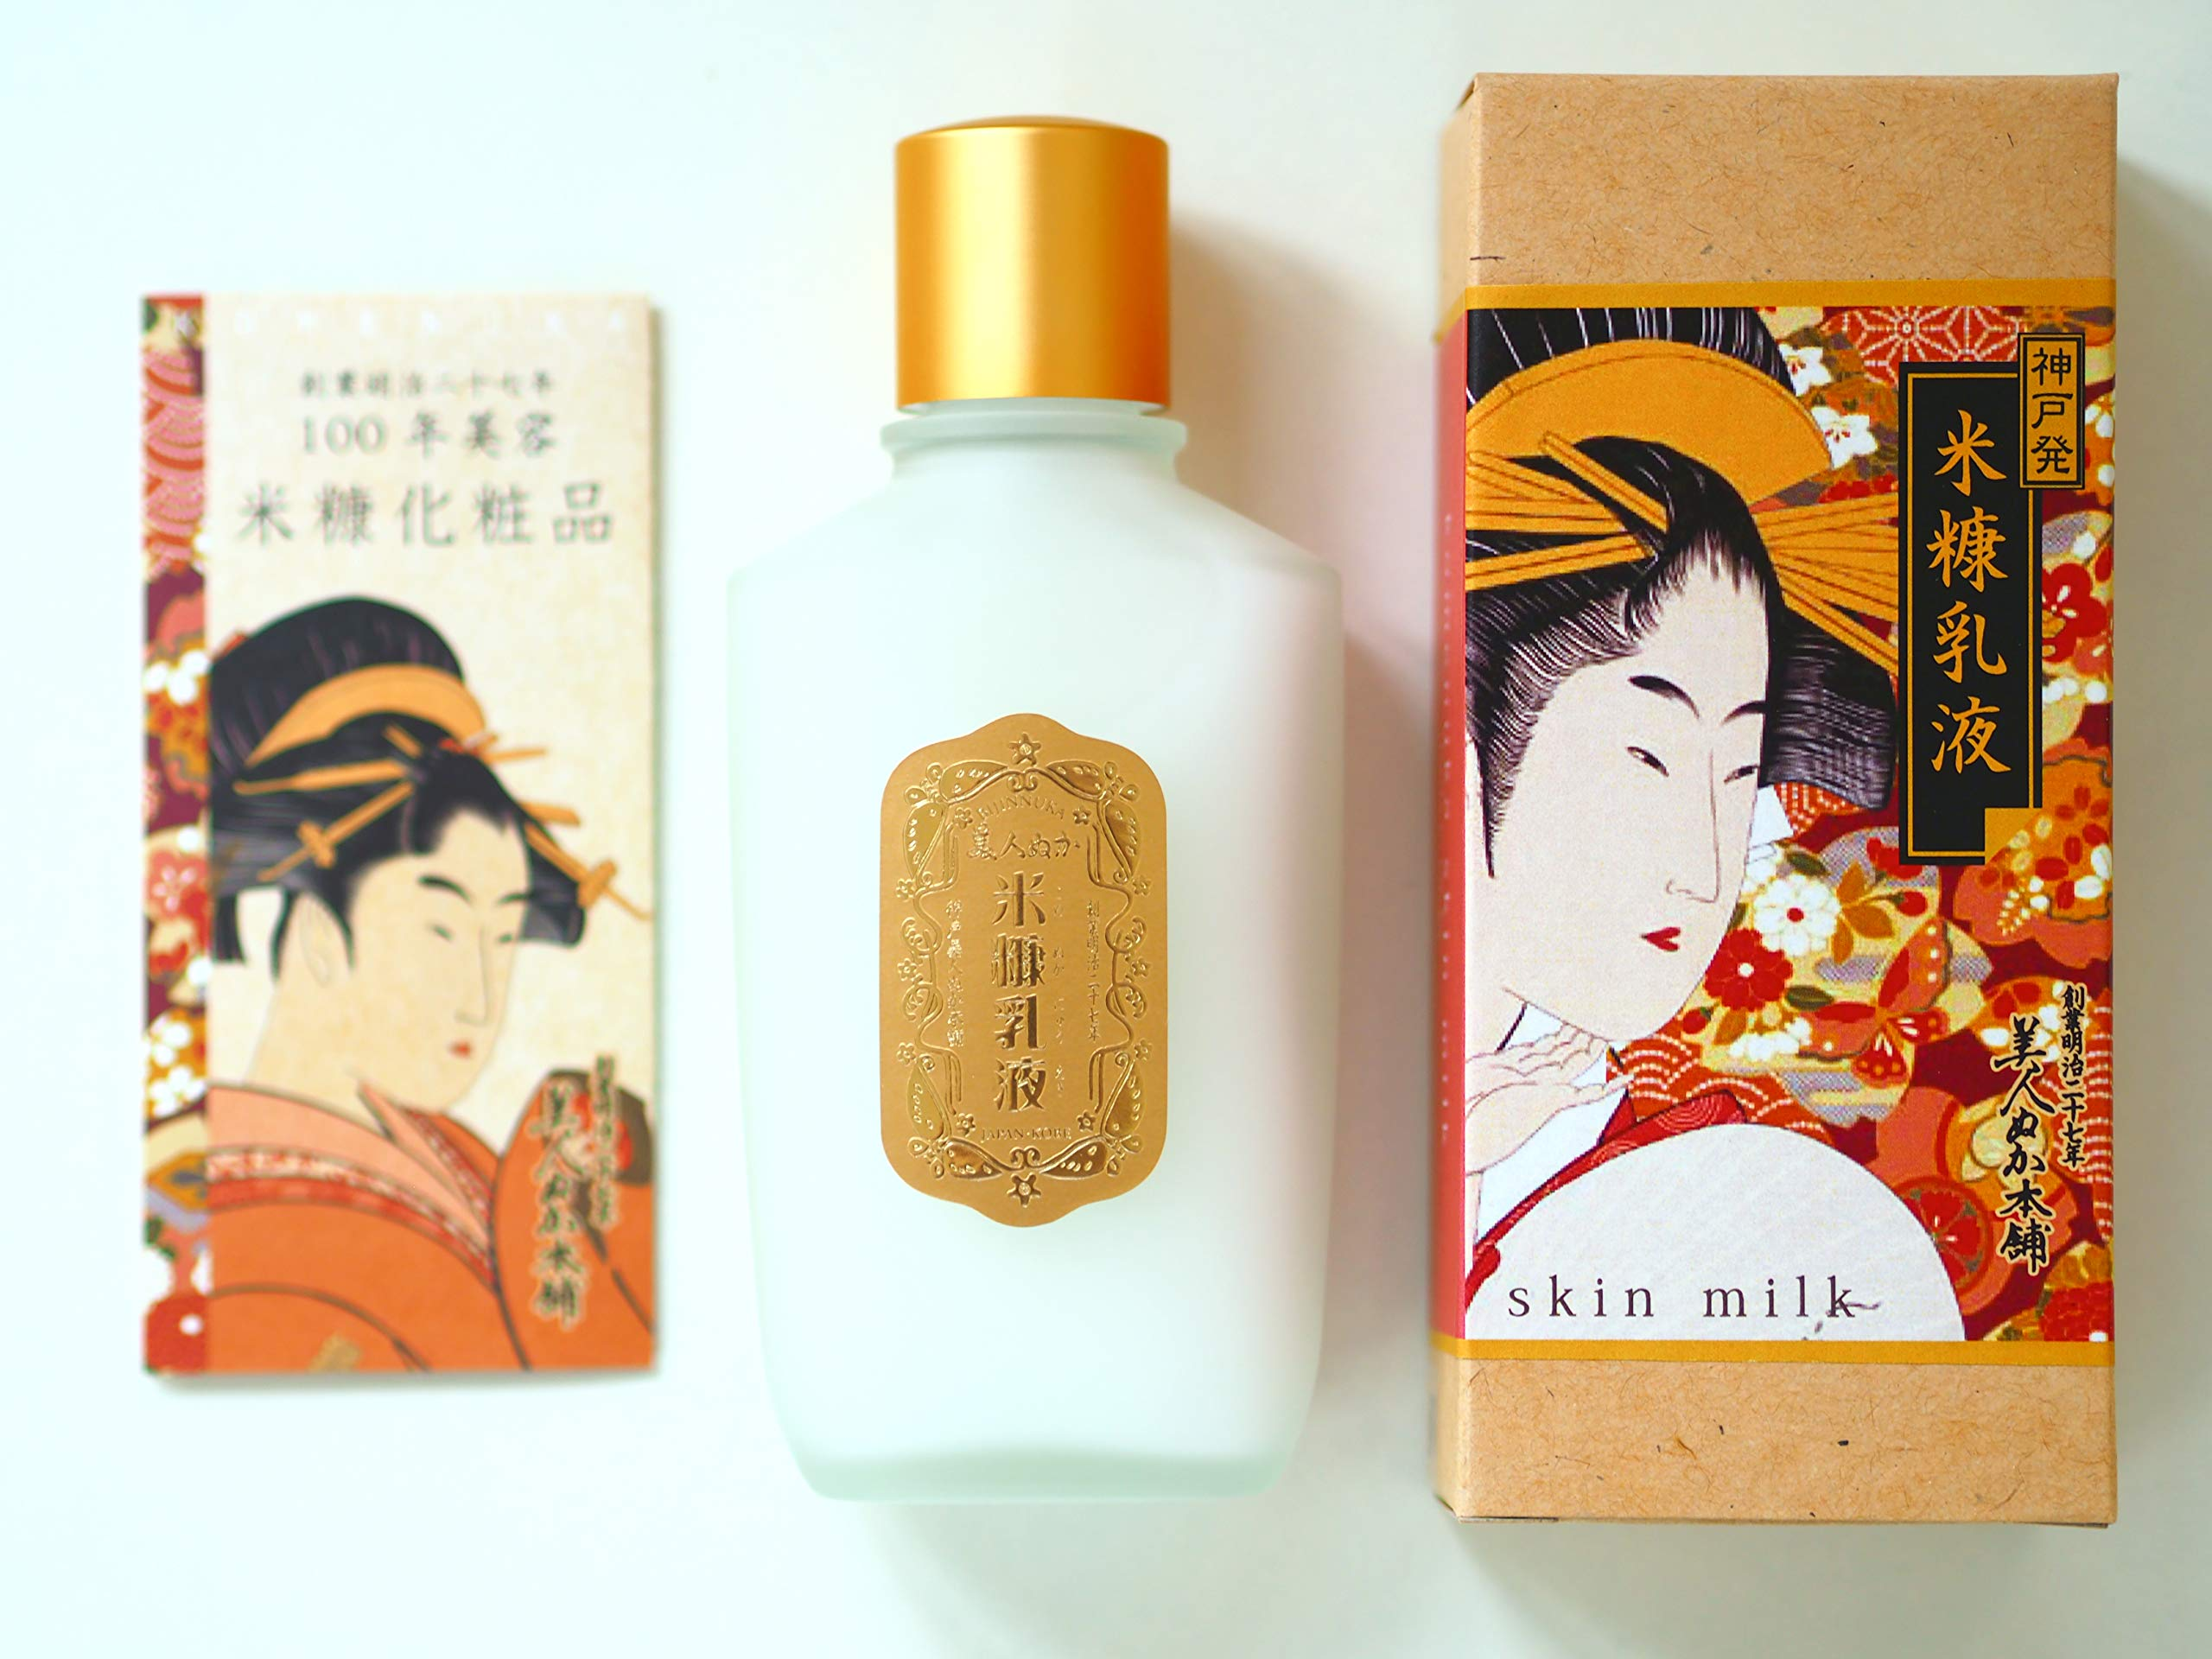 100 year komenuka bijin Rice Bran Skin Milk 100mL(ukiyoe package) Made in Japan